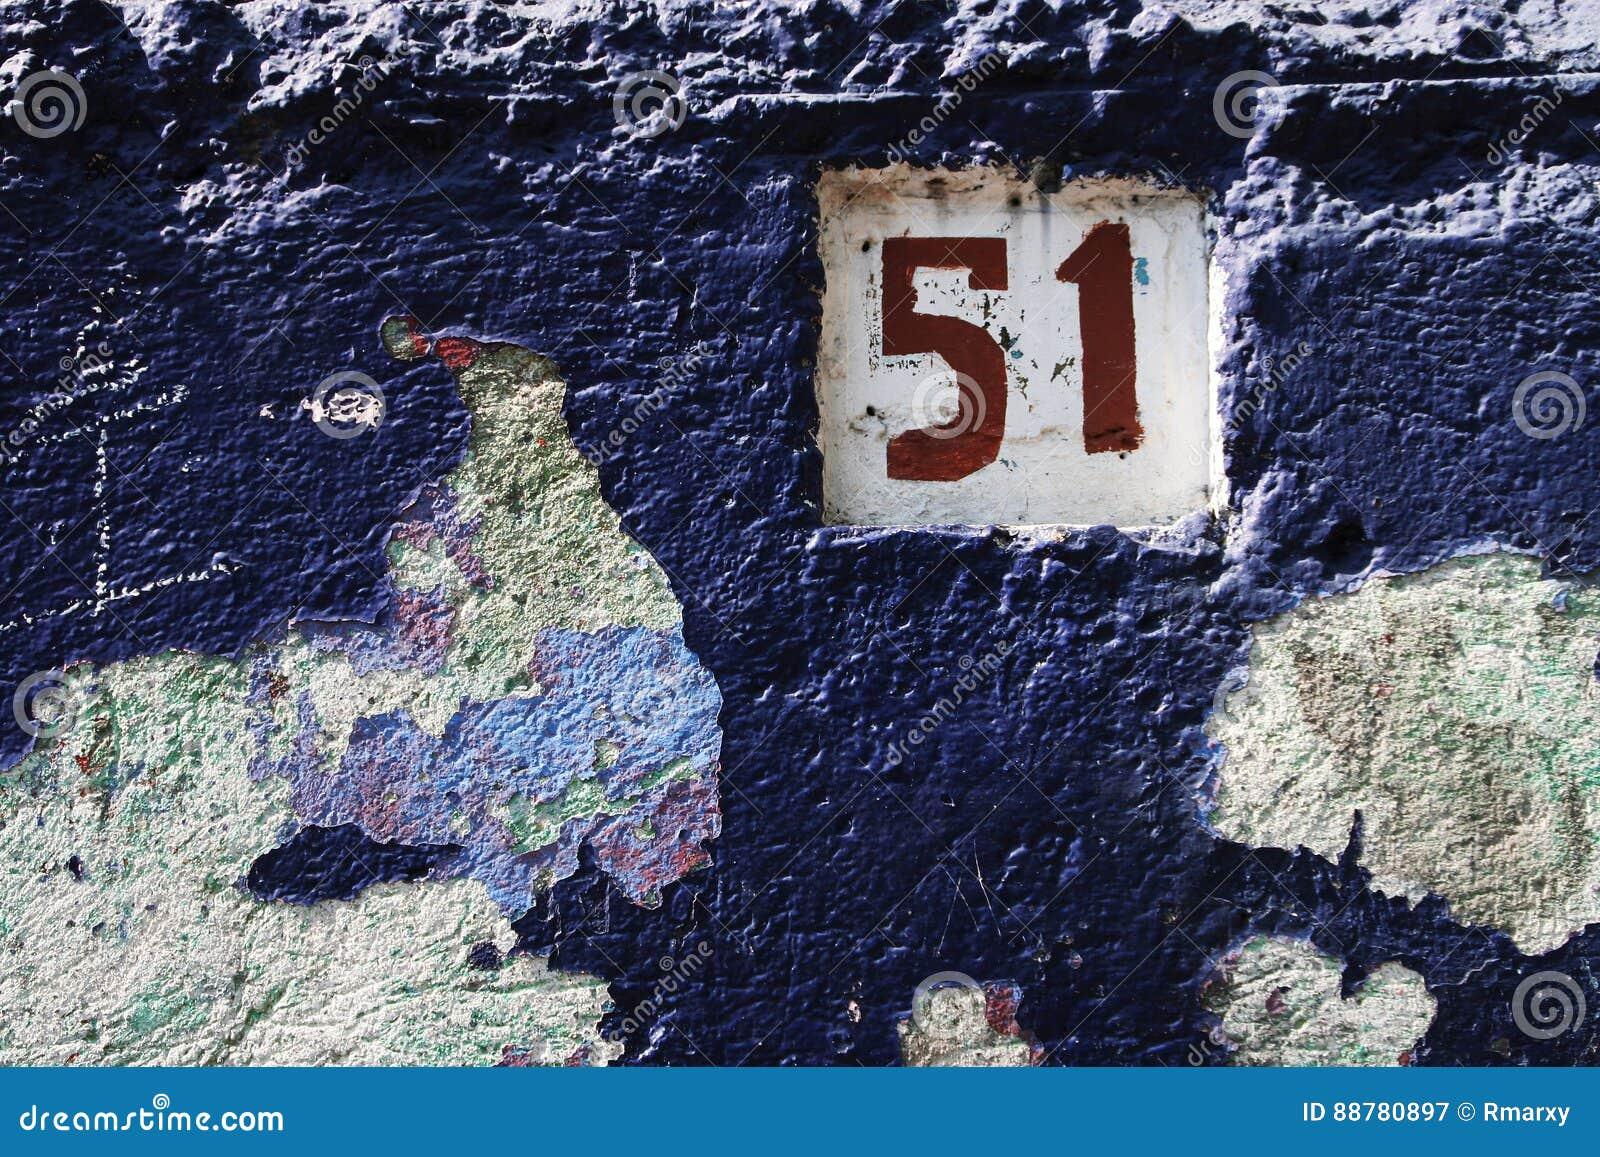 Смотреть на синь и номер дома